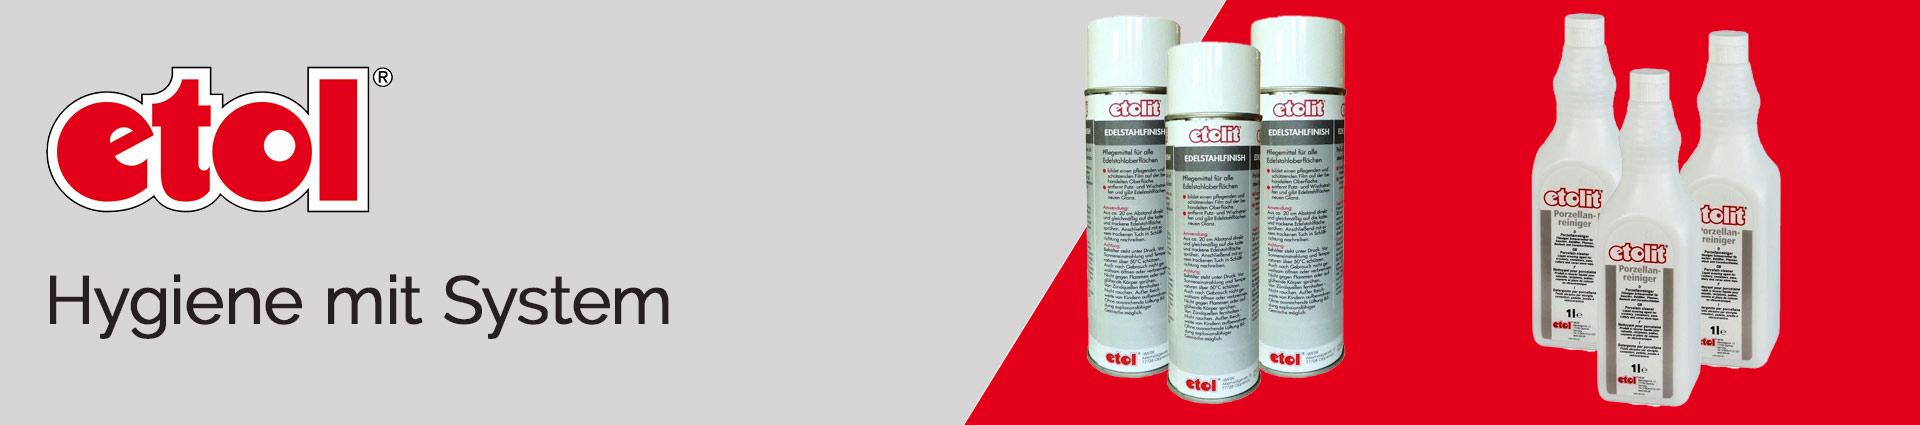 Etol Hygiene mit System Banner